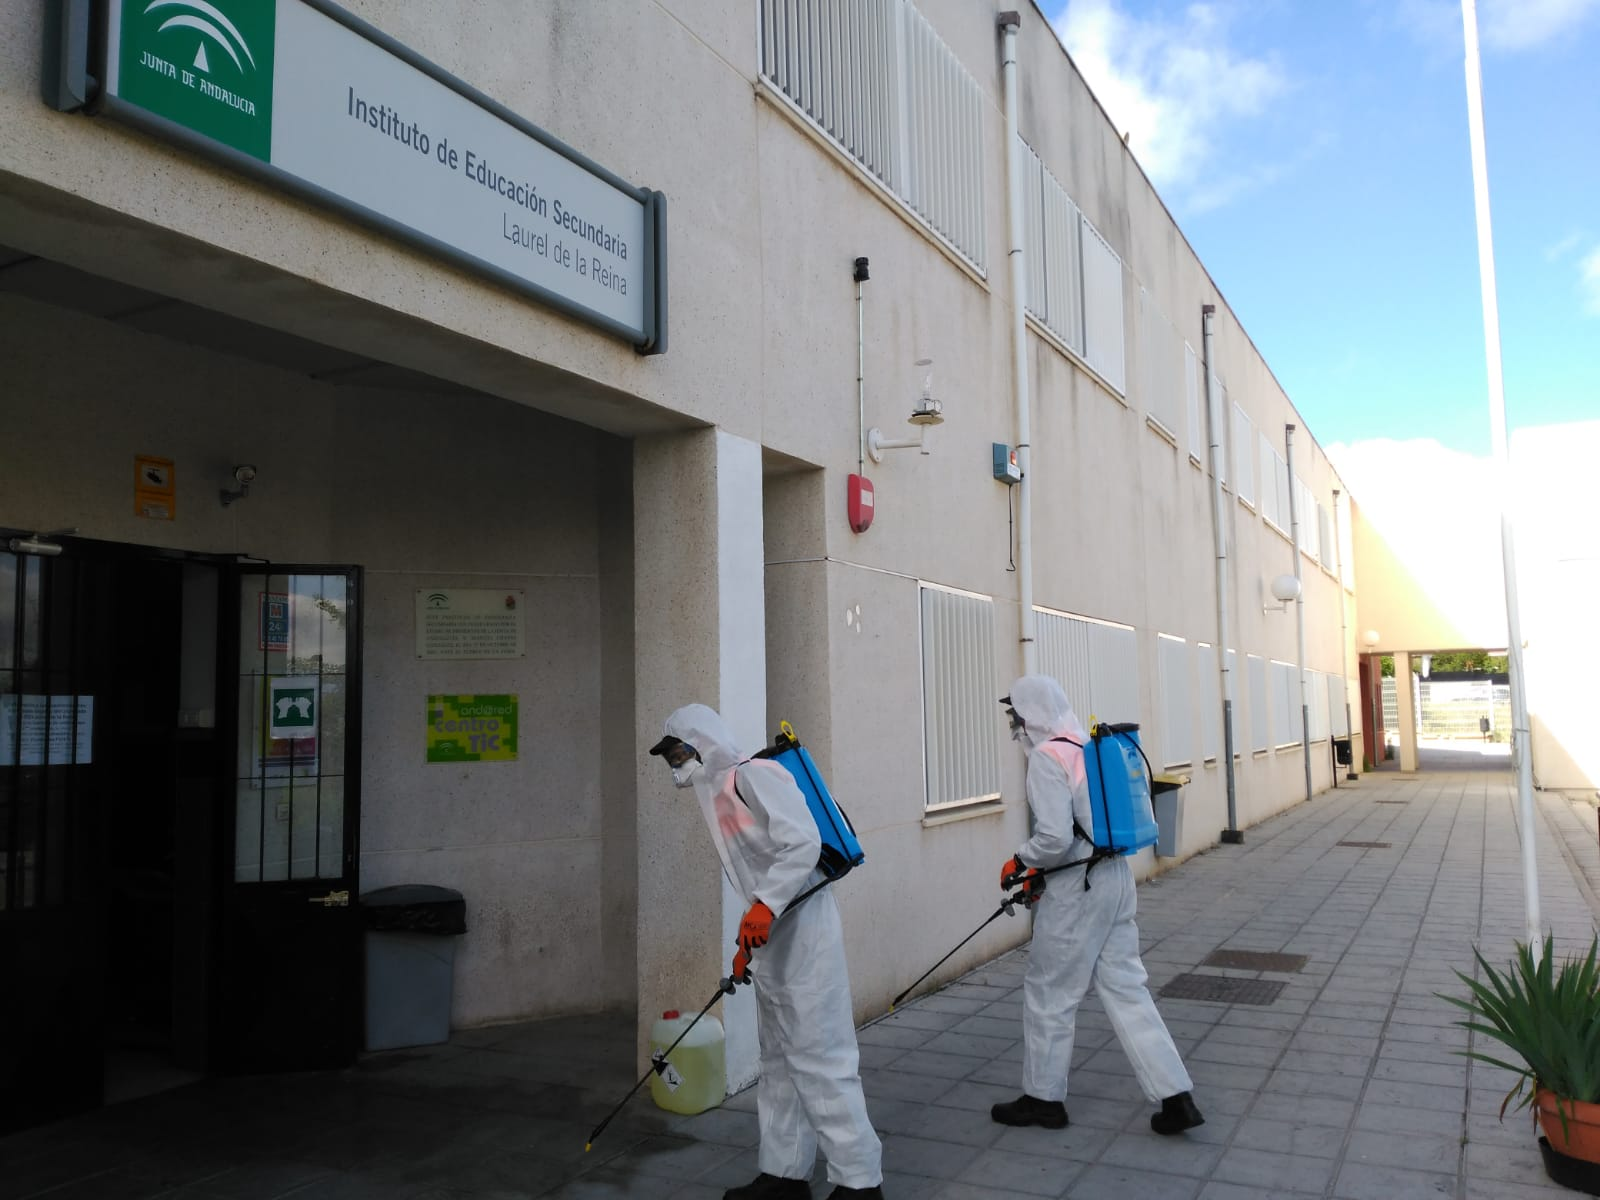 La Zubia asumirá las desinfecciones de los centros educativos del municipio